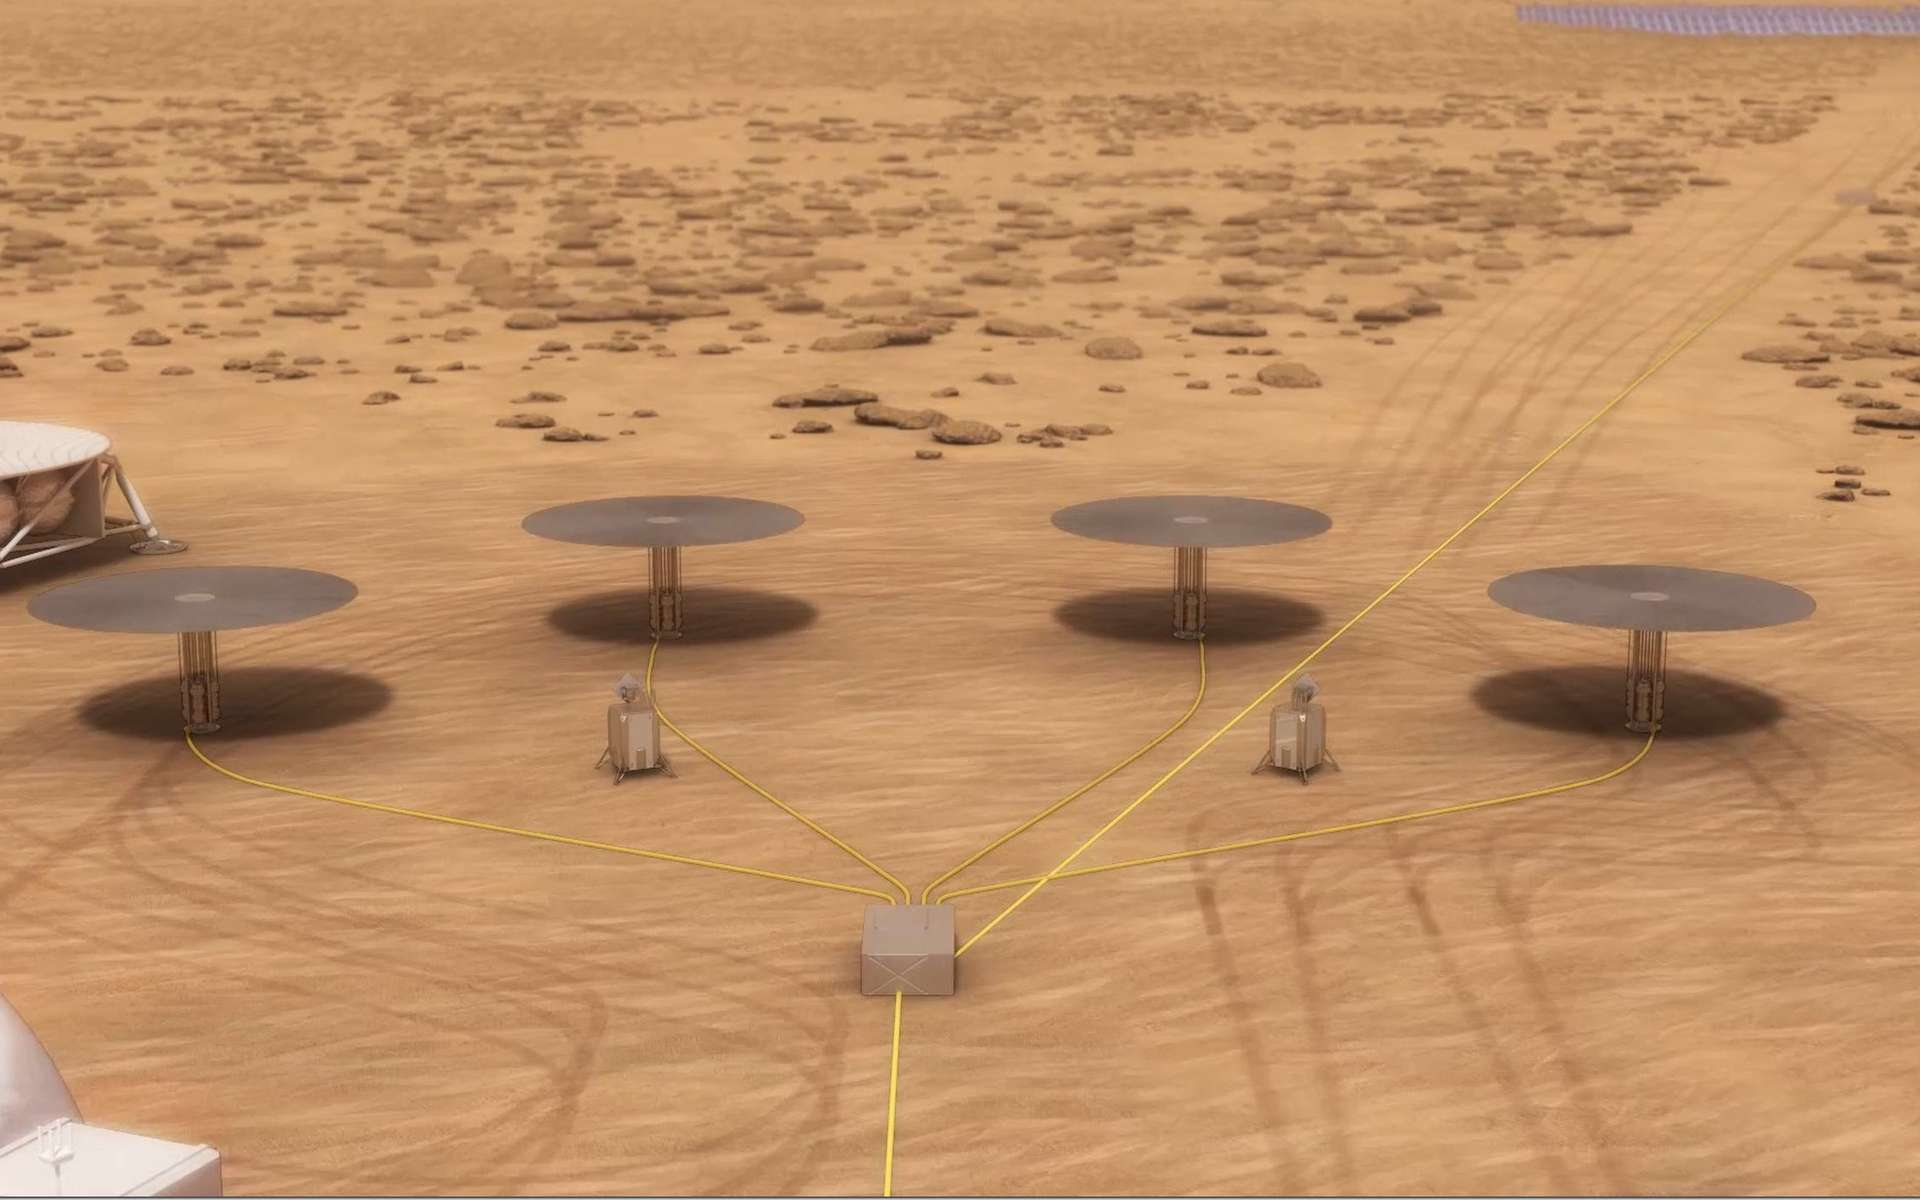 Illustration d'une installation sur Mars équipée de quatre réacteurs nucléaires du système Kilopower. © Nasa, Kilopower